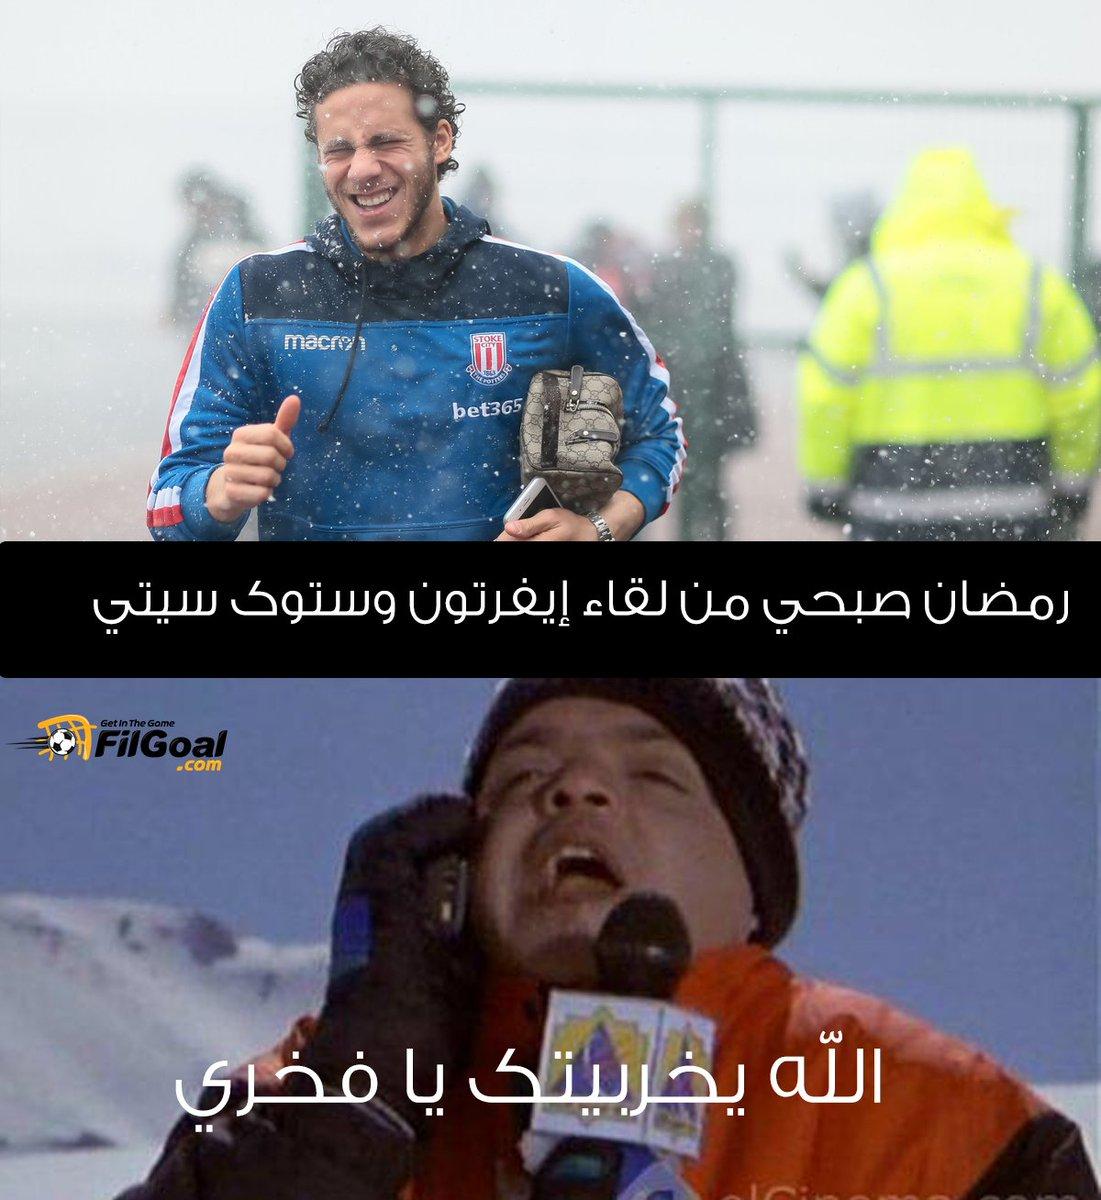 رمضان صبحي من لقاء ستوك سيتي وإيفرتون 😂😂...